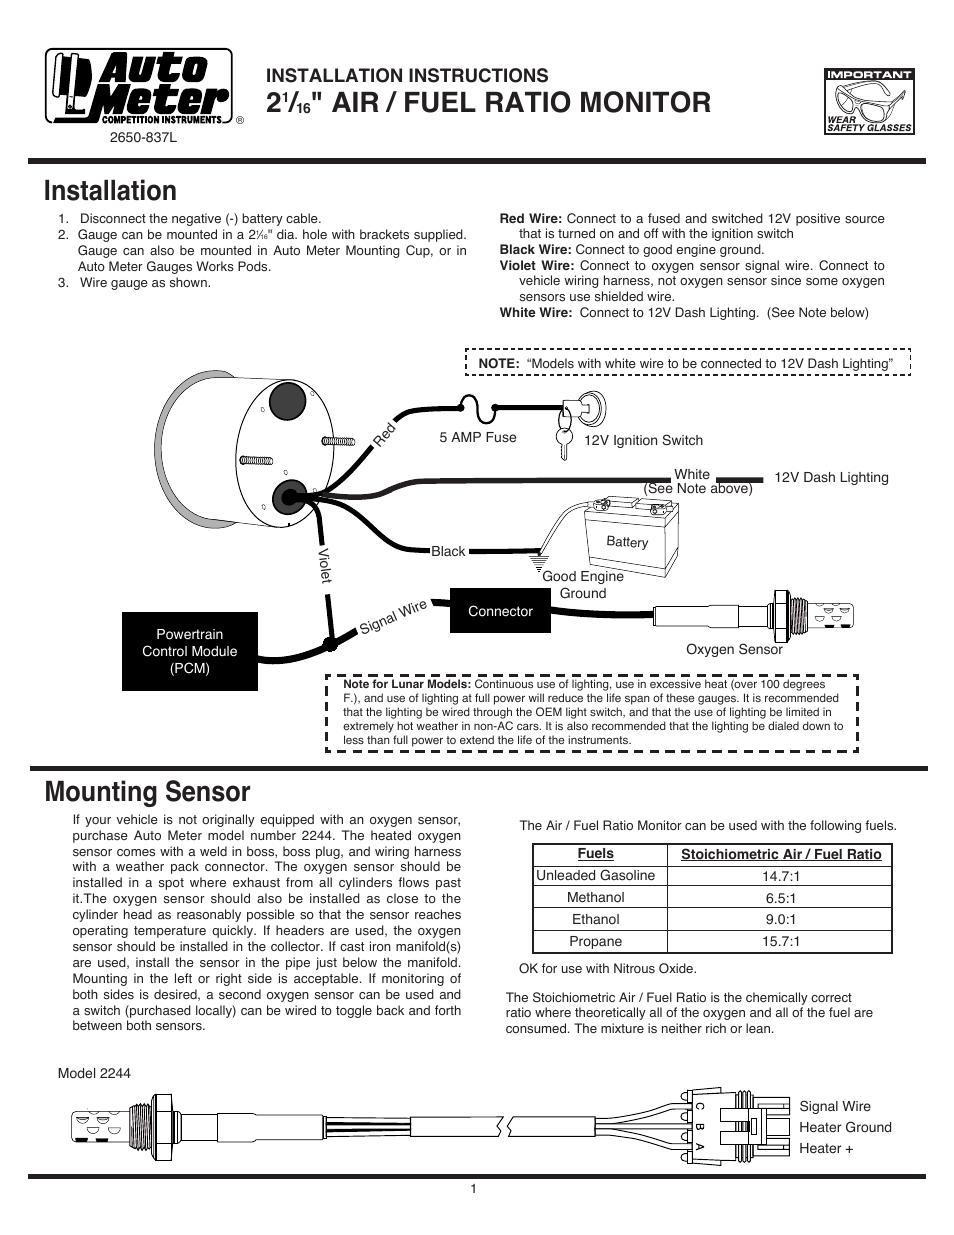 medium resolution of auto meter fuel wiring diagram